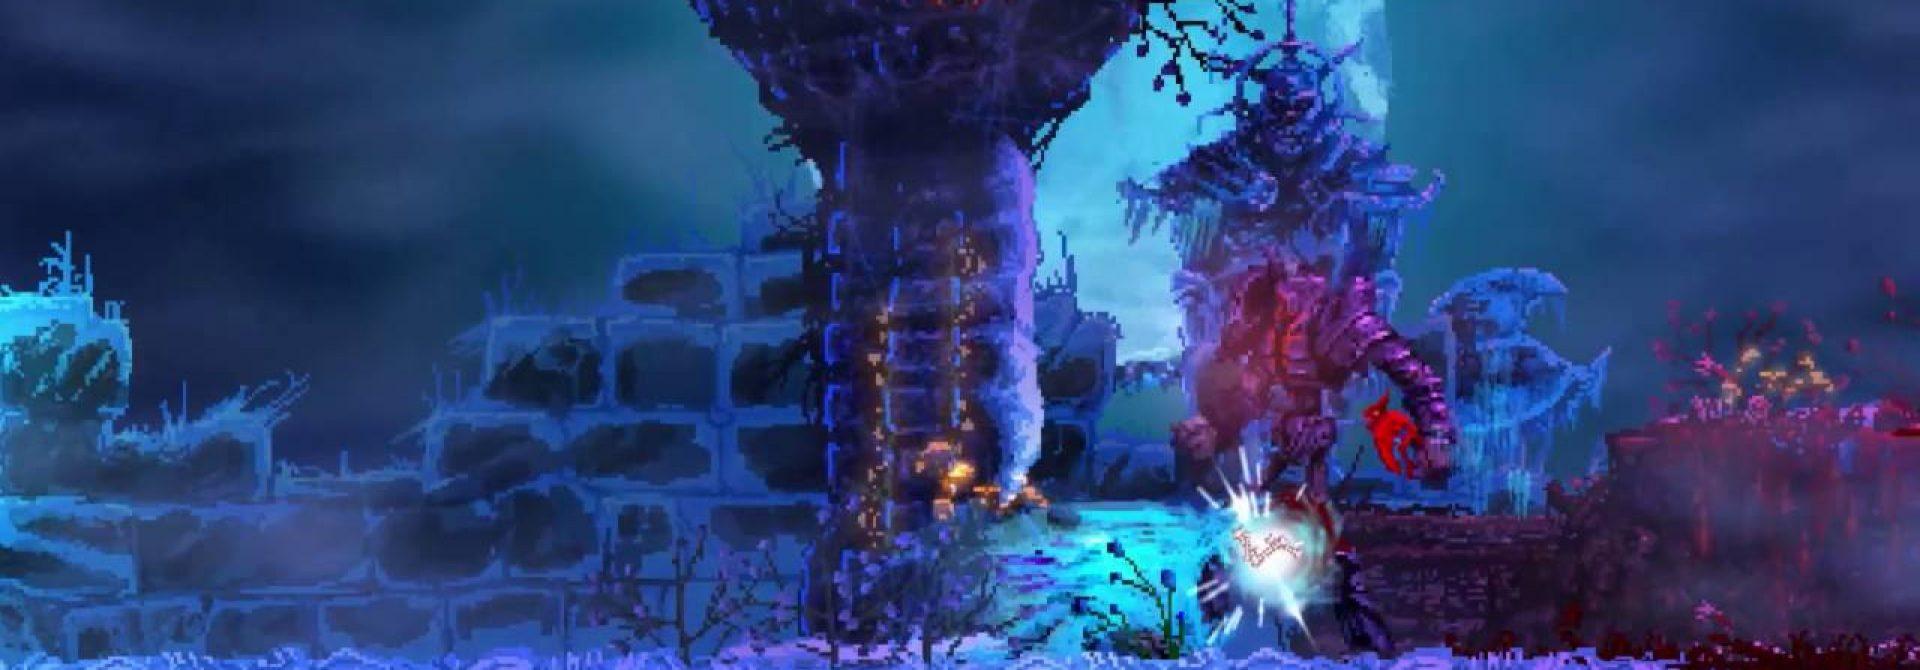 Slain Hits Xbox One on 10/21